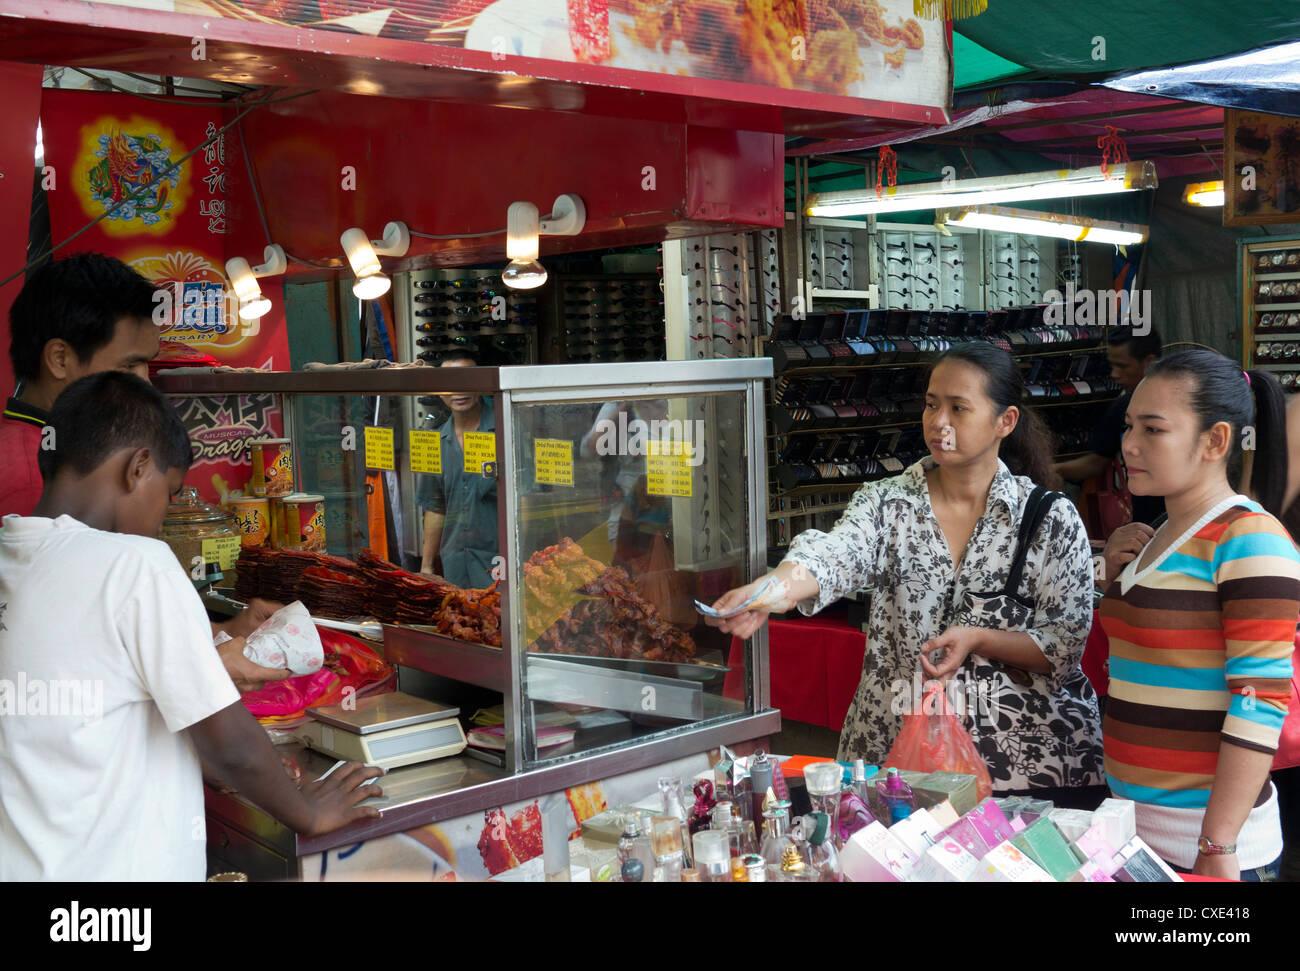 Les acheteurs, de la rue du marché, Chinatown, Kuala Lumpur, Malaisie Photo Stock